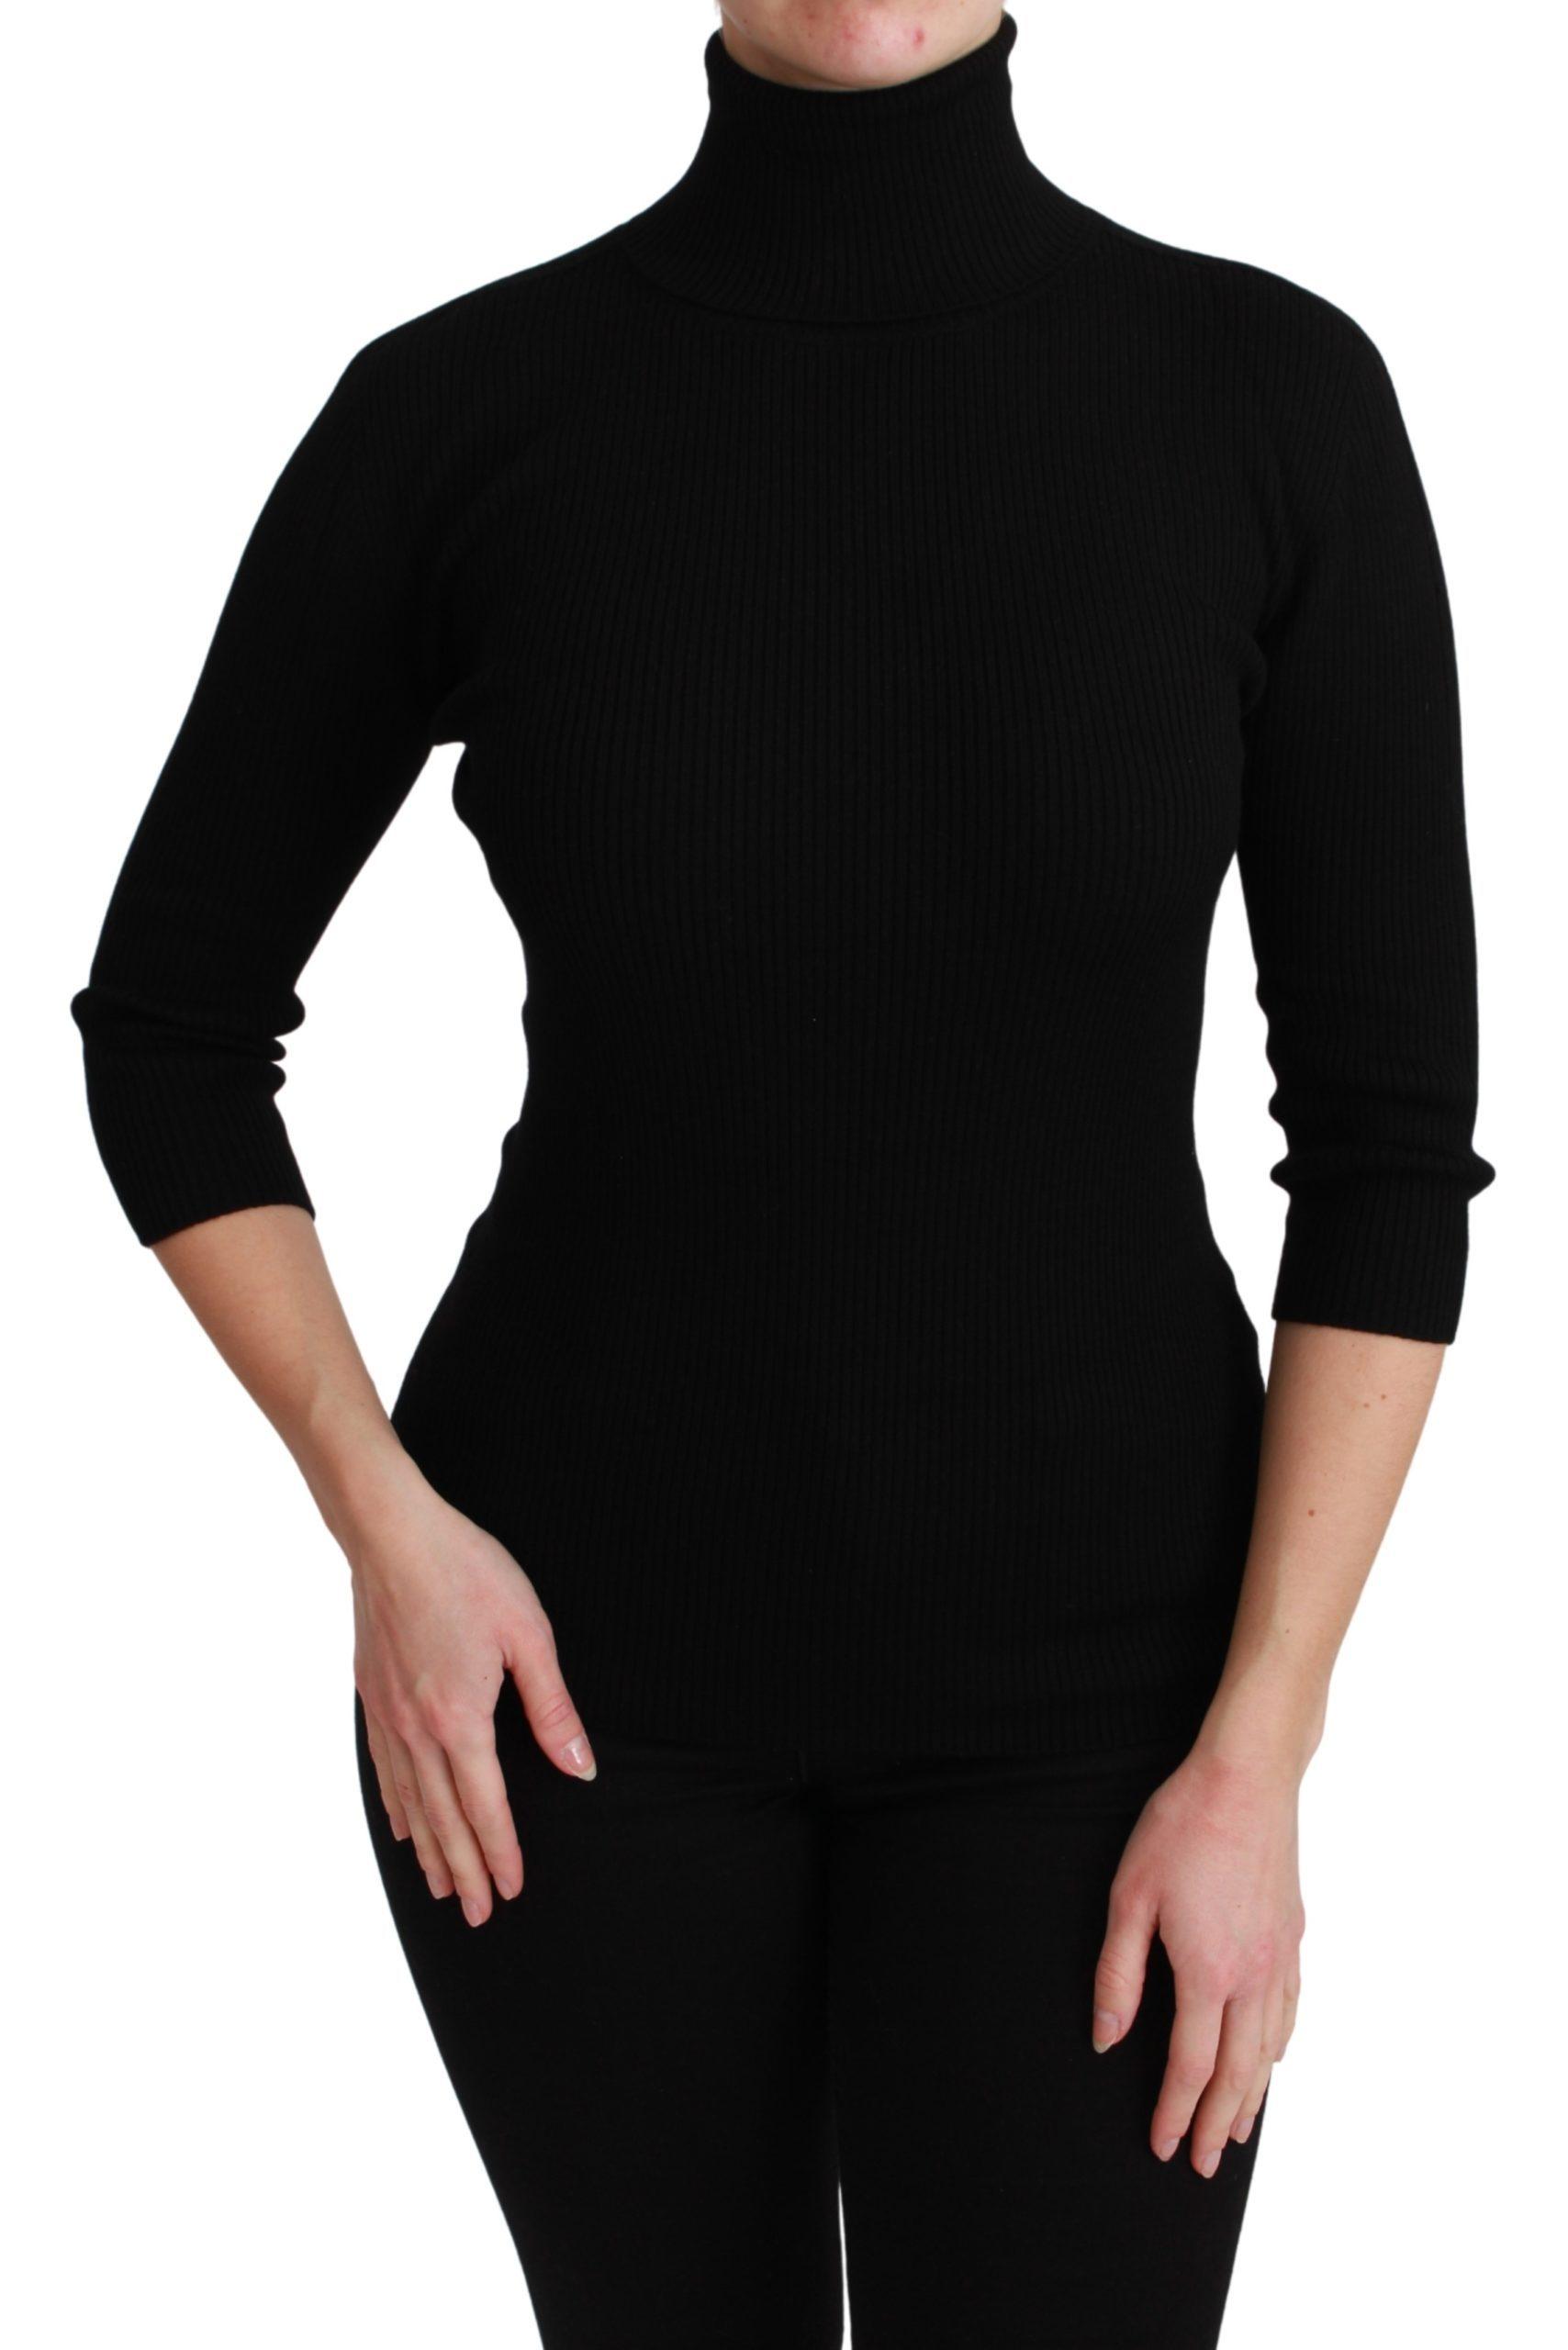 Dolce & Gabbana Women's Turtleneck Wool Pullover Sweater Black TSH4594 - IT42|M